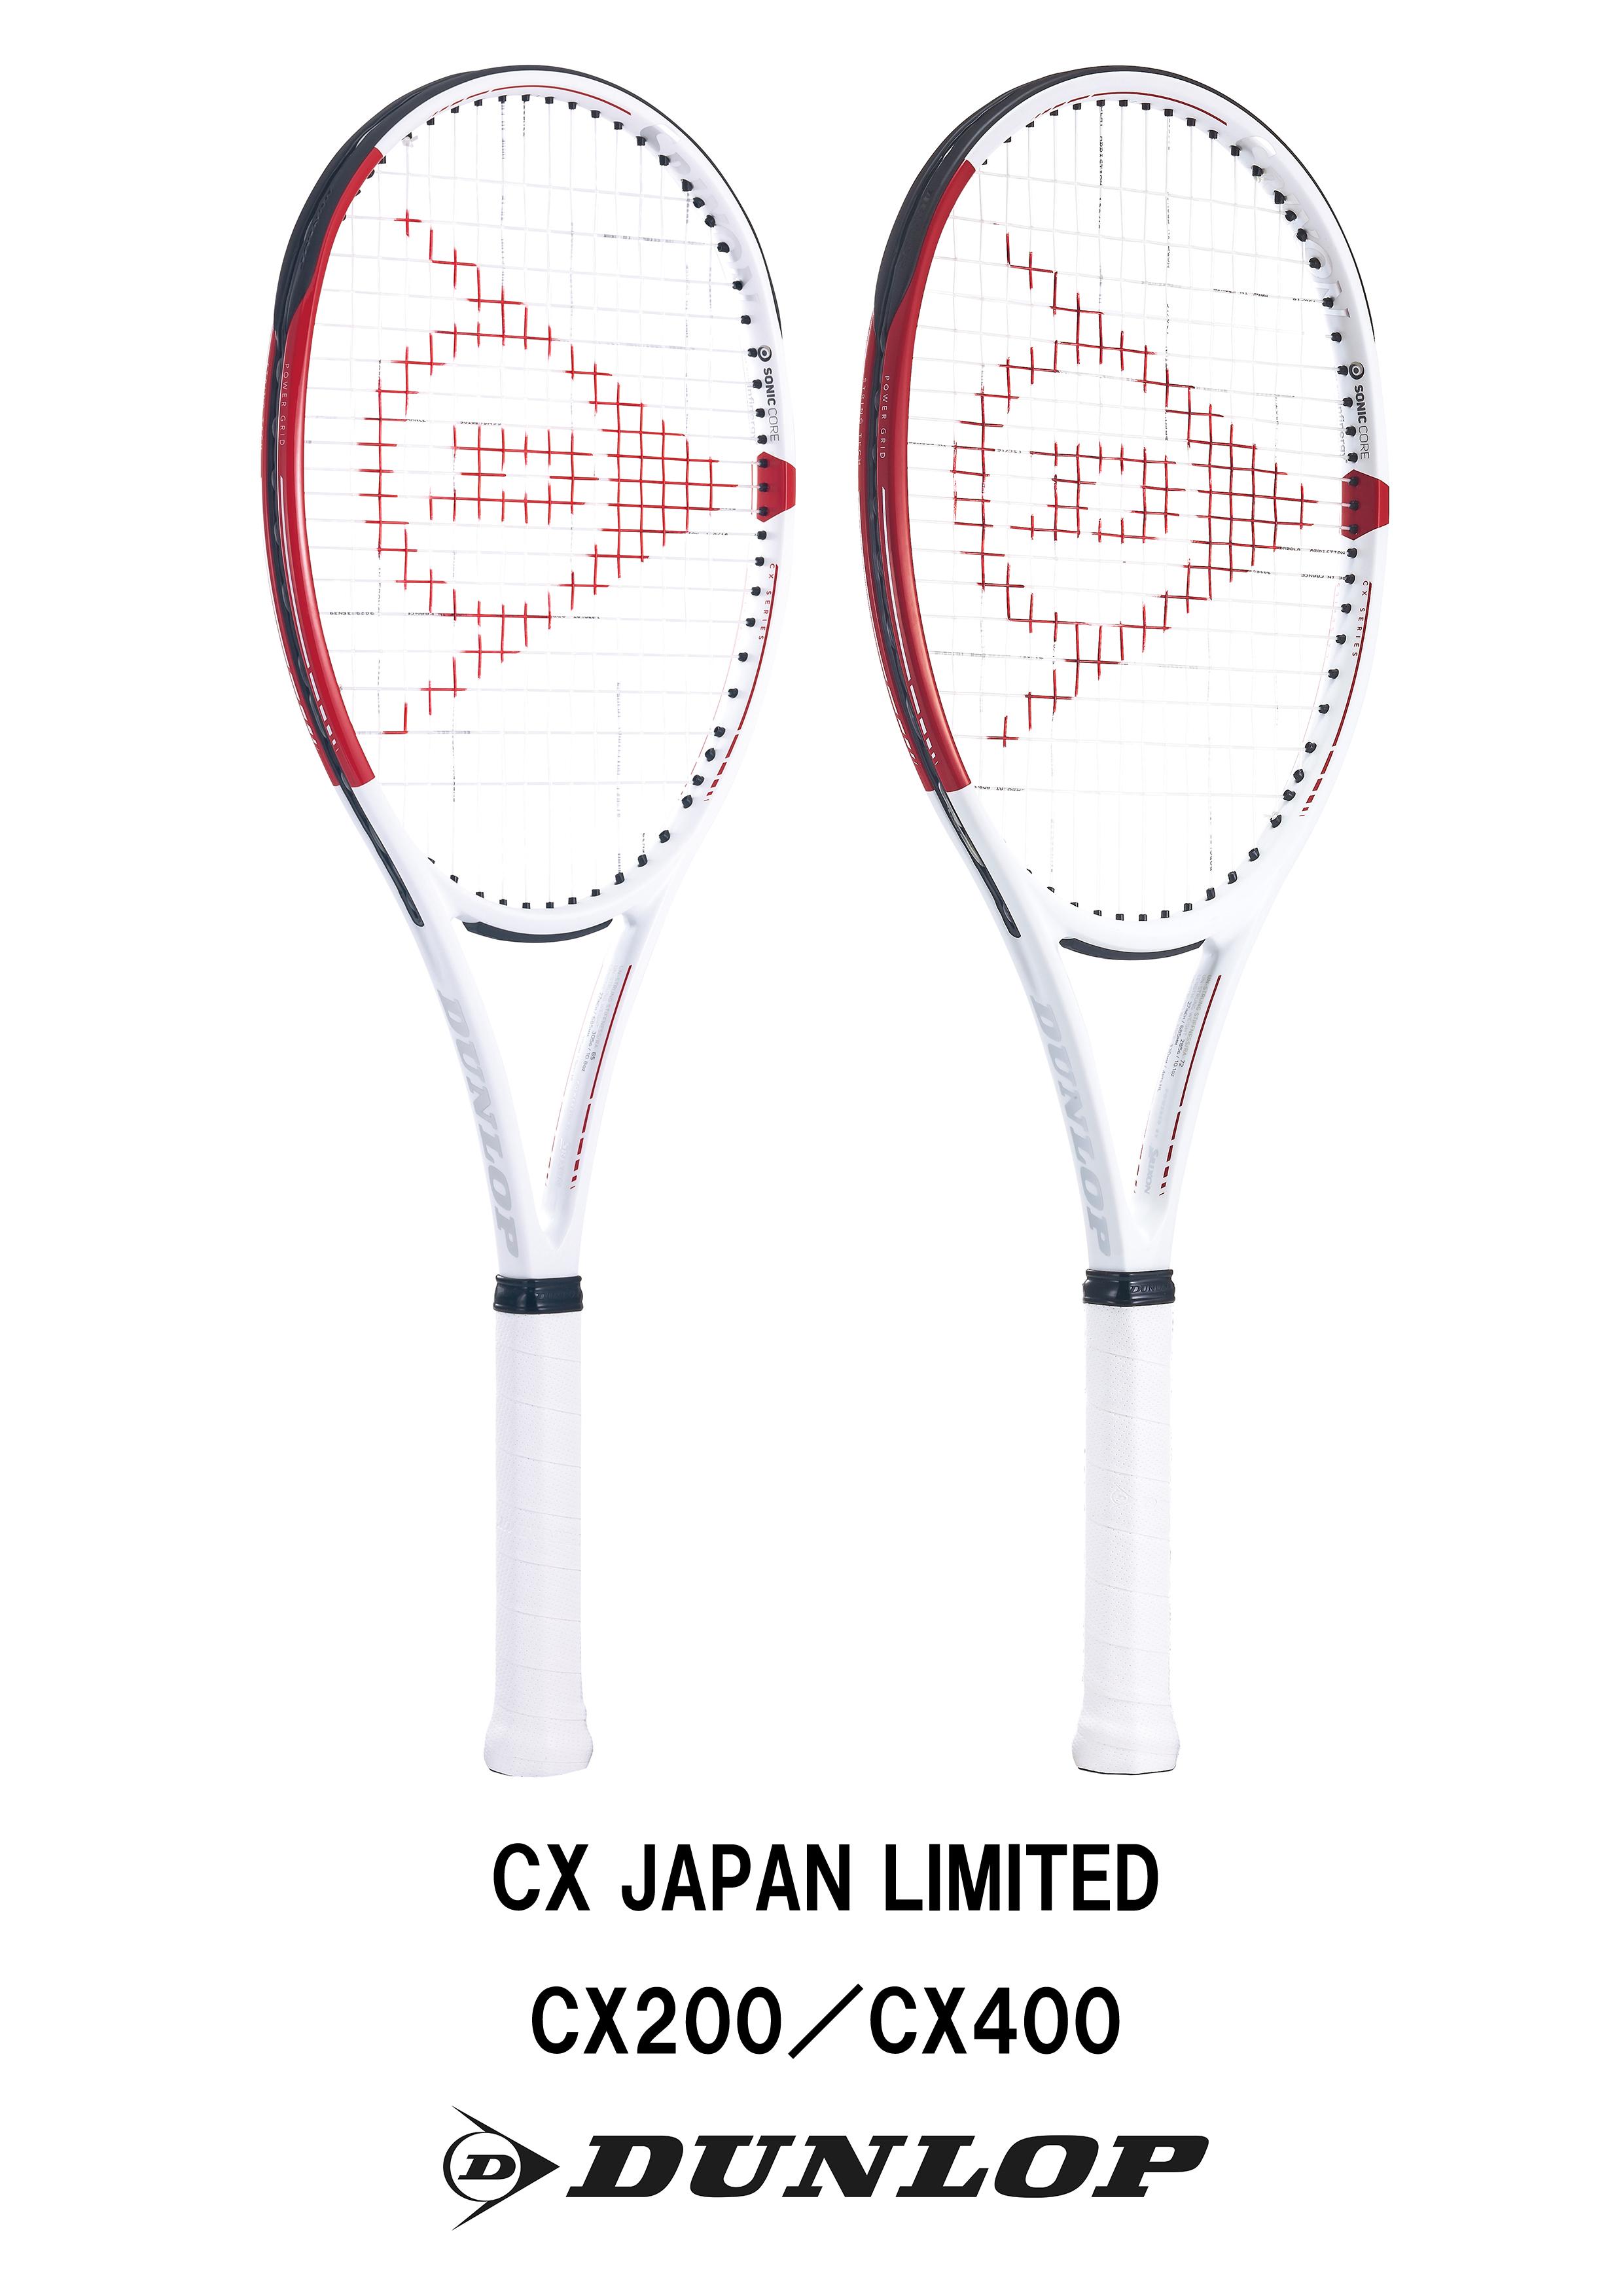 ダンロップテニスラケット「CX」シリーズ日本限定カラー2機種を新発売